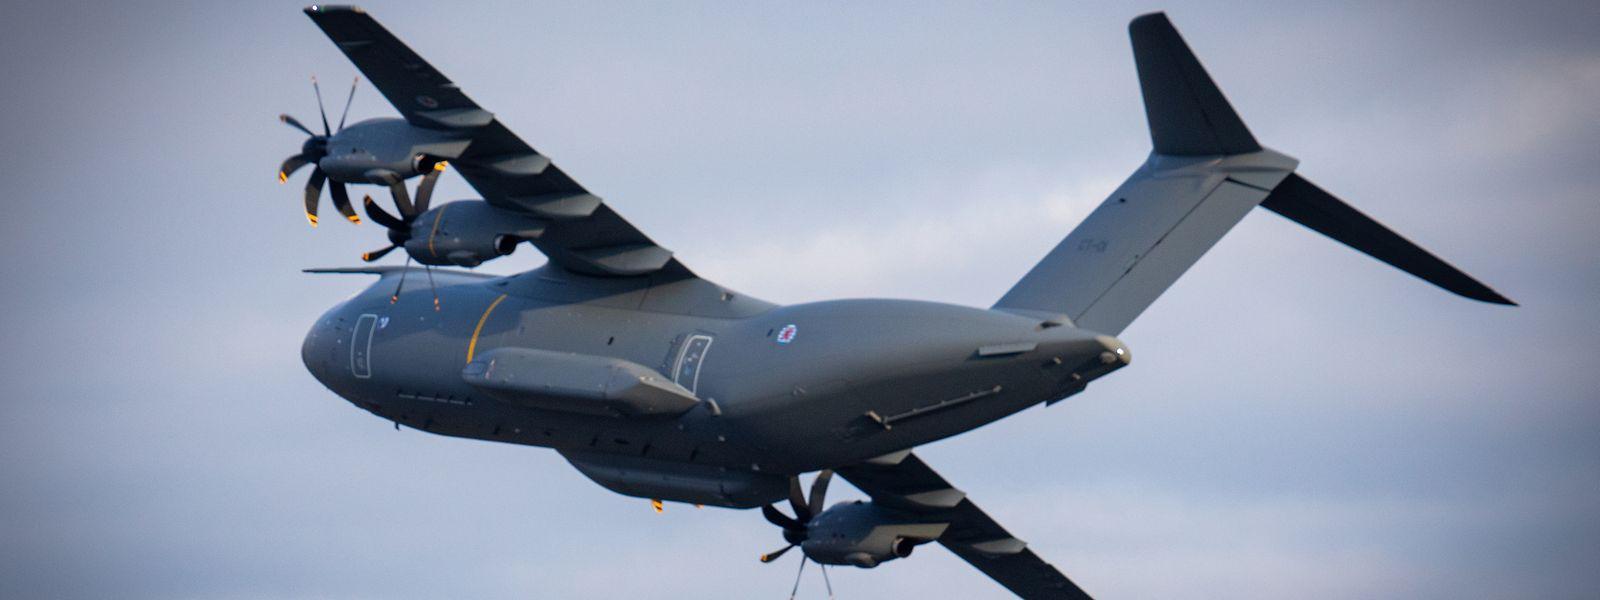 Avant de rejoindre sa base de Melsbroek, l'Airbus A400M s'est offert une parade aérienne dans le ciel belge et luxembourgeois